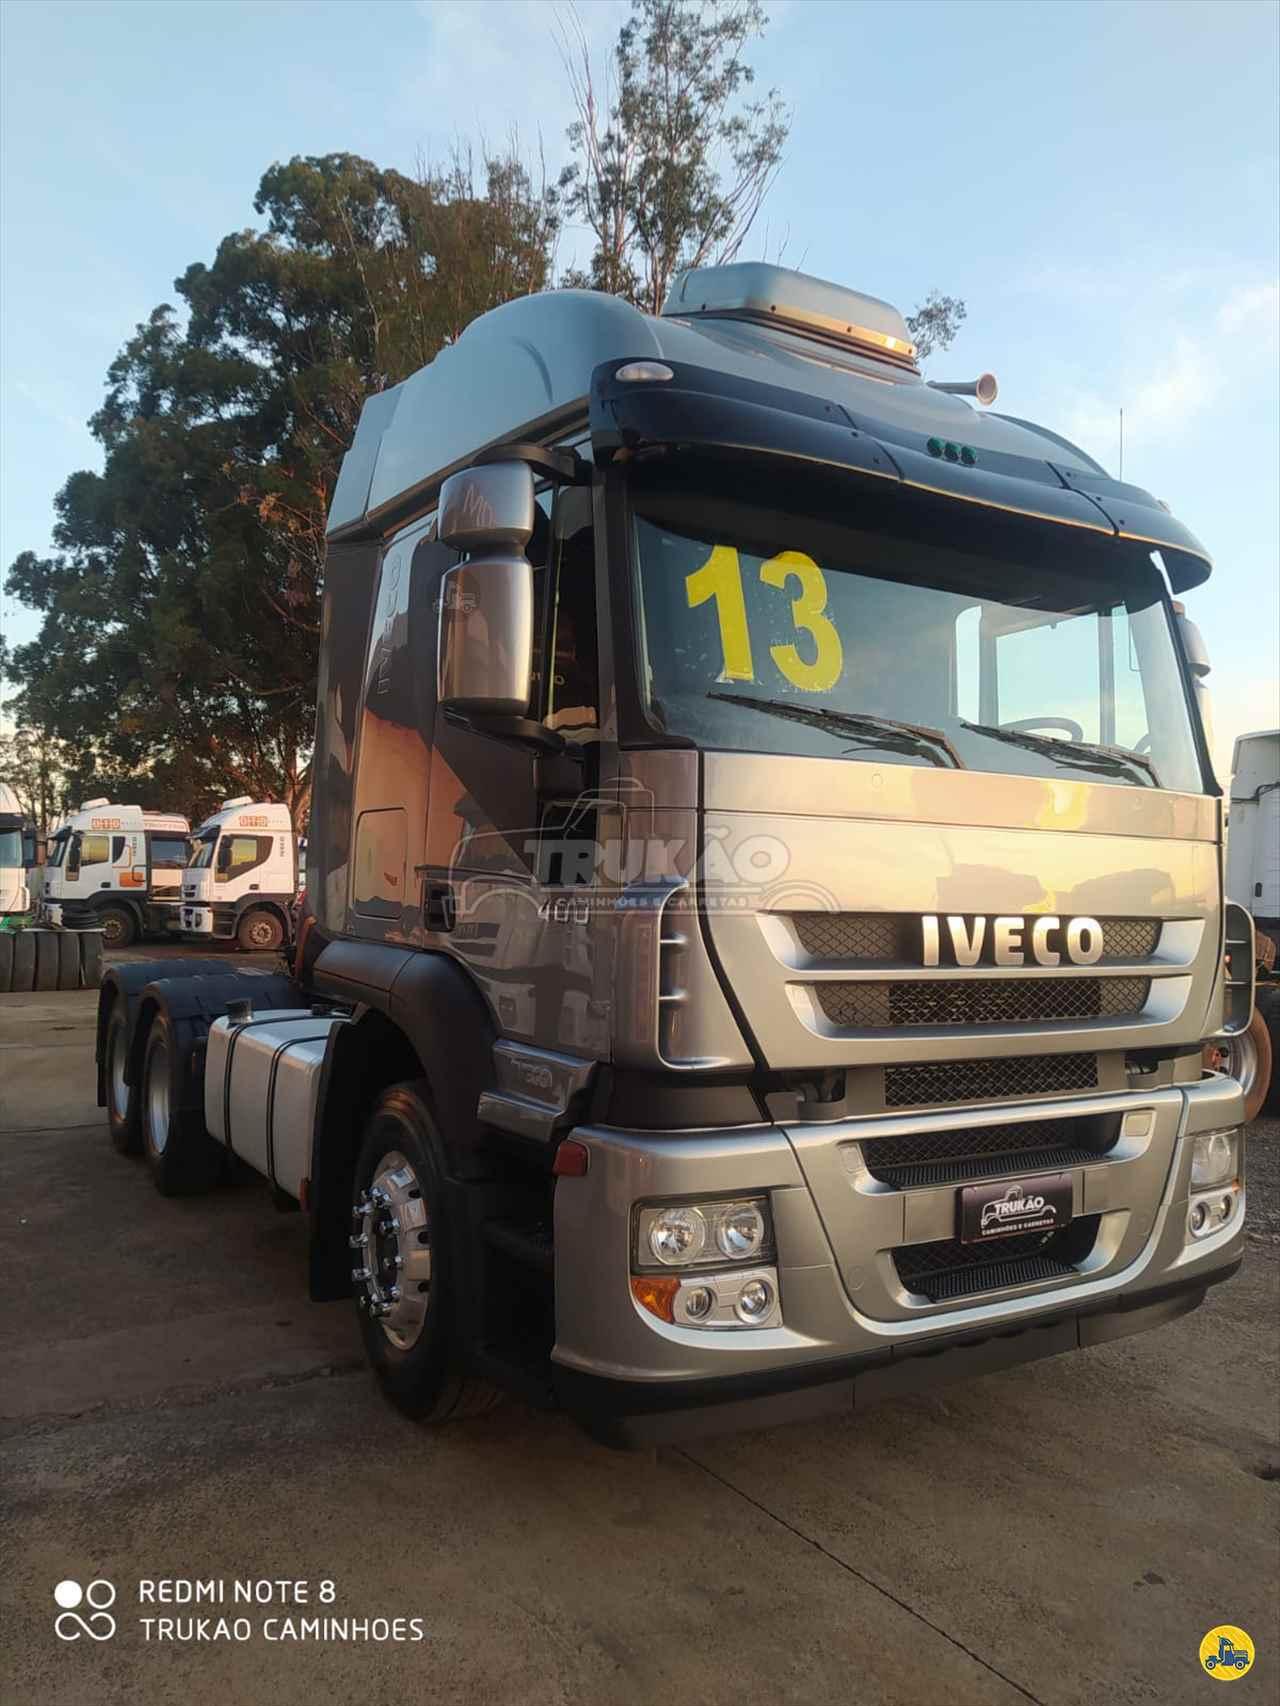 STRALIS 400 de Trukão Caminhões - JACUTINGA/MG